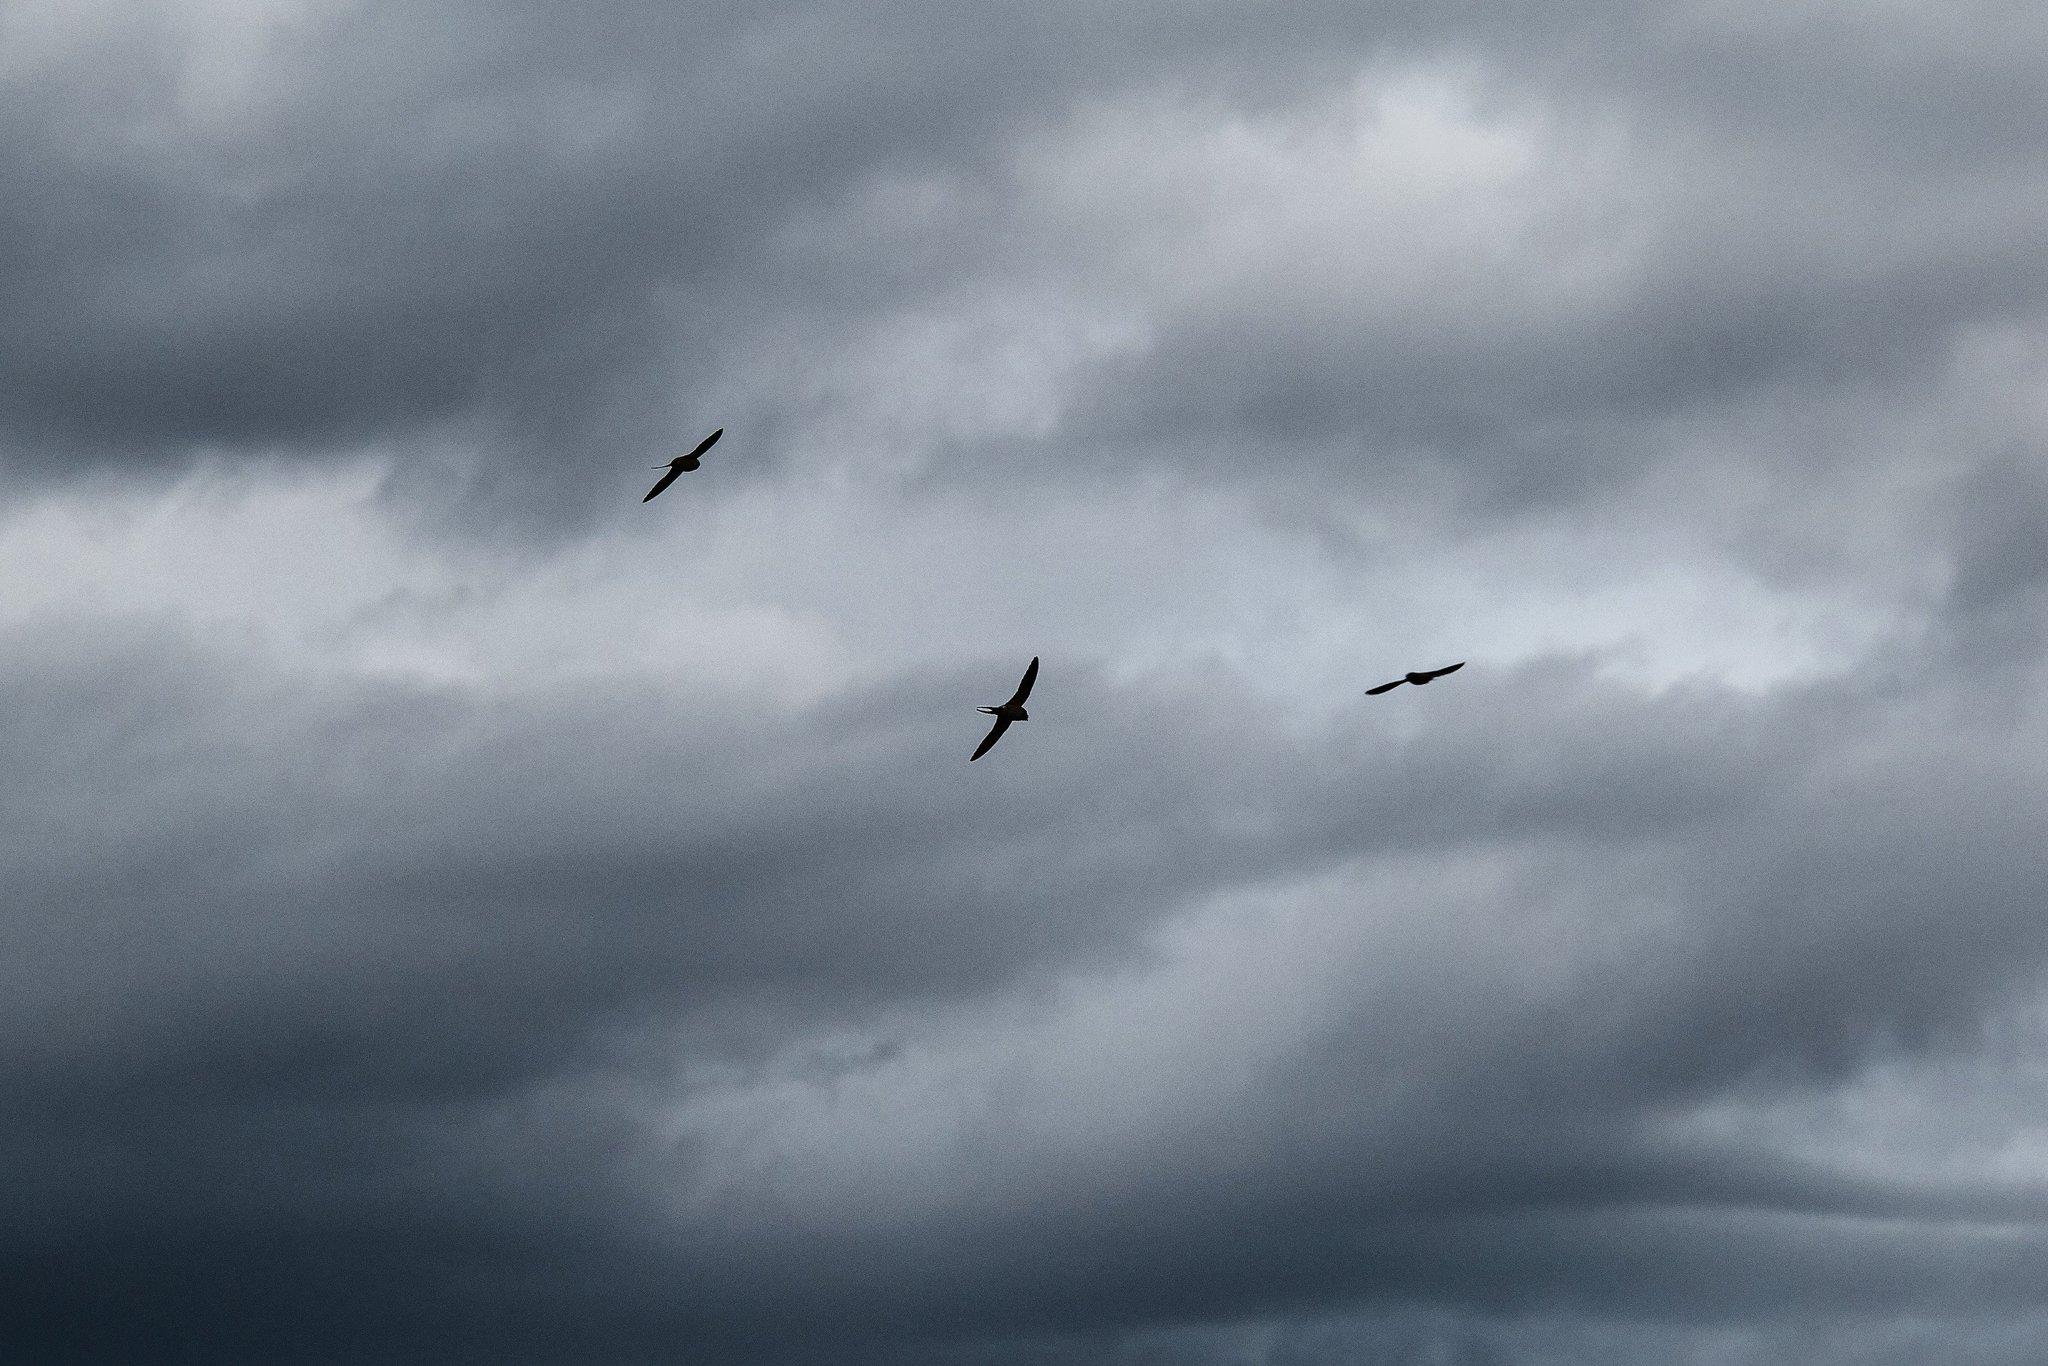 Три ласточки, парящие в тёмных дождевых облаках